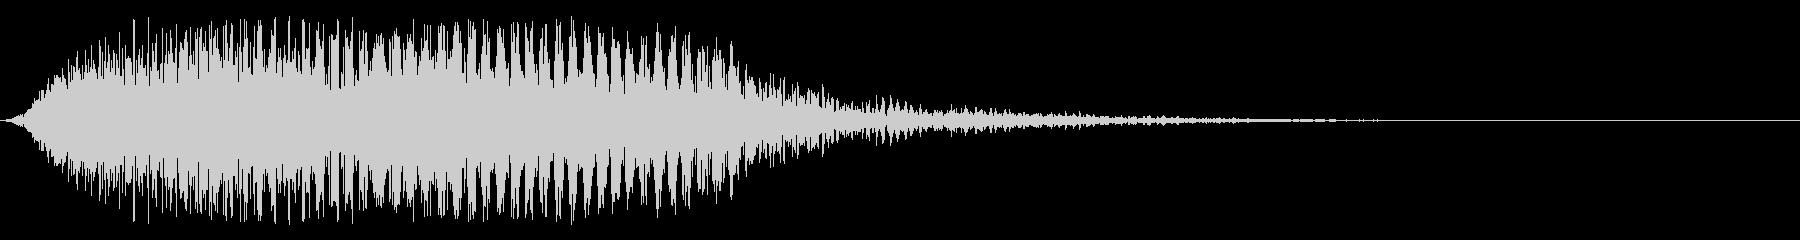 フワーーーン(起動的な)の未再生の波形